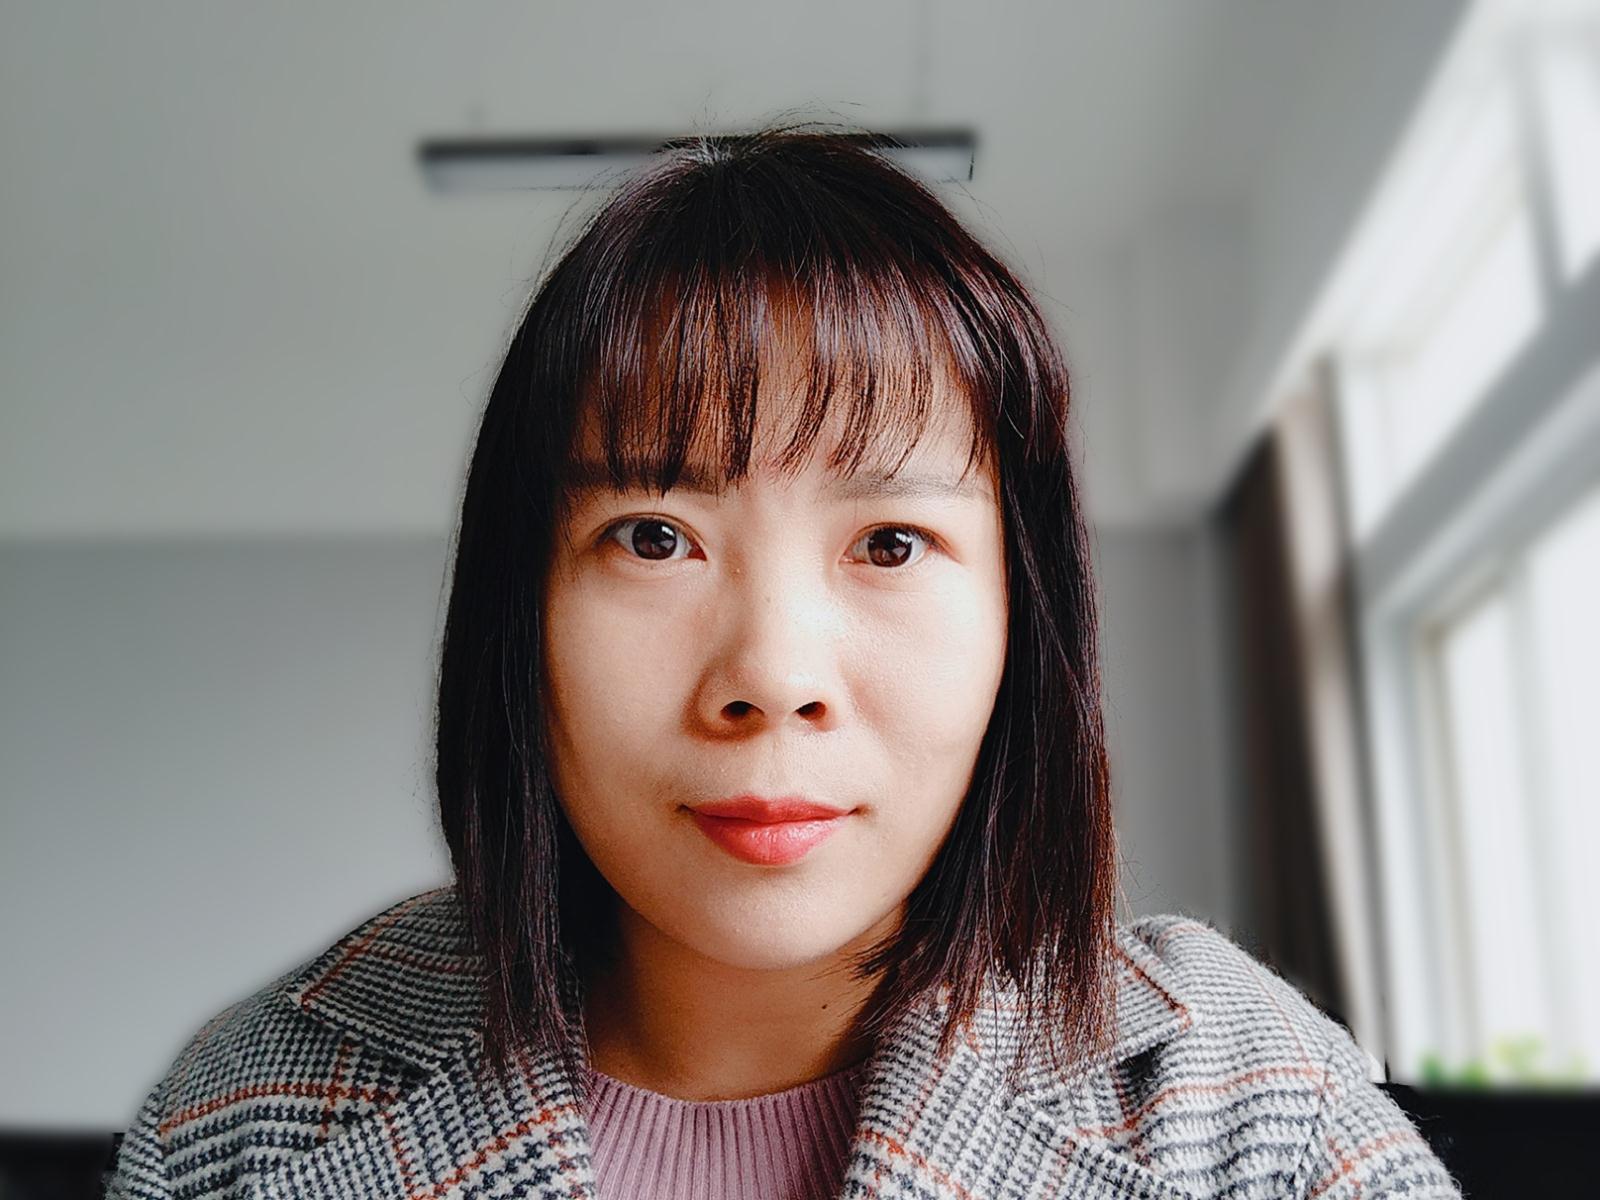 教授干女研究生15_赵倩,女,副教授,硕士研究生